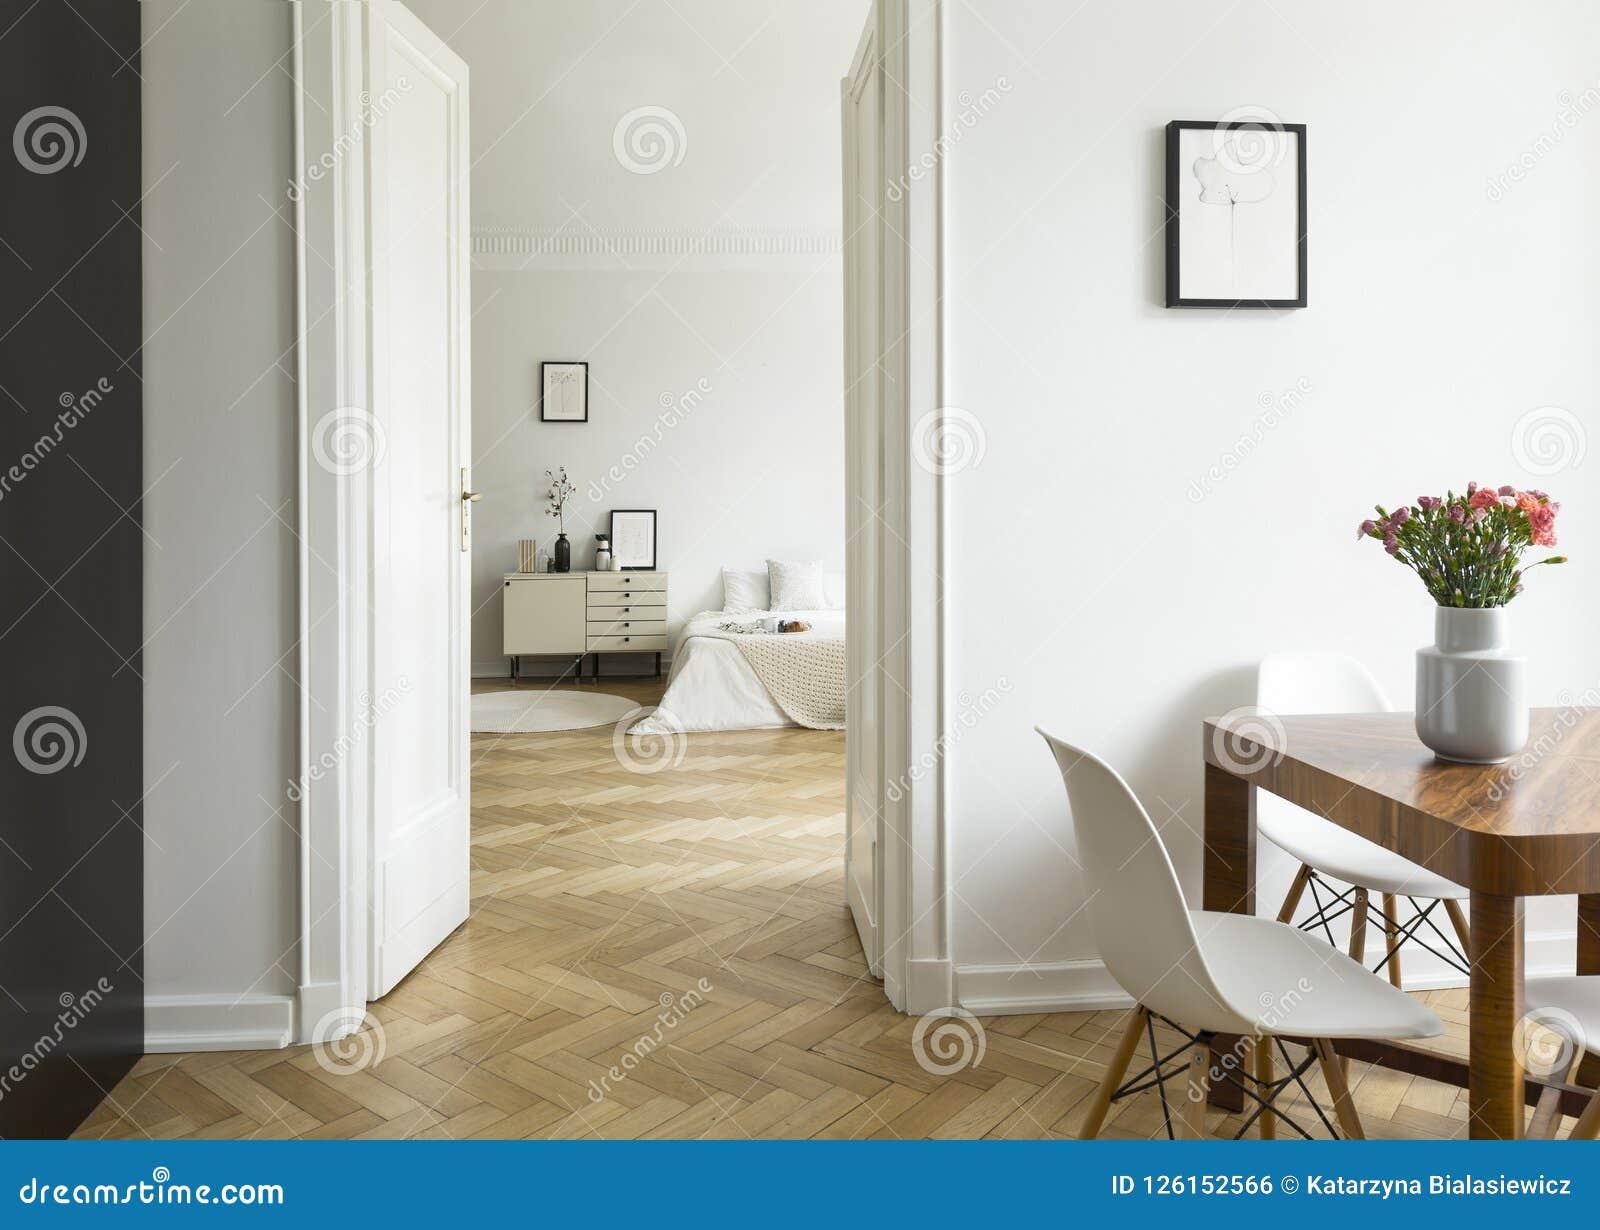 Eine Langstreckenansicht von einem Esszimmer in ein Schlafzimmer in einer hohen Decke flach Einfarbiger weißer Innenraum mit Fisc